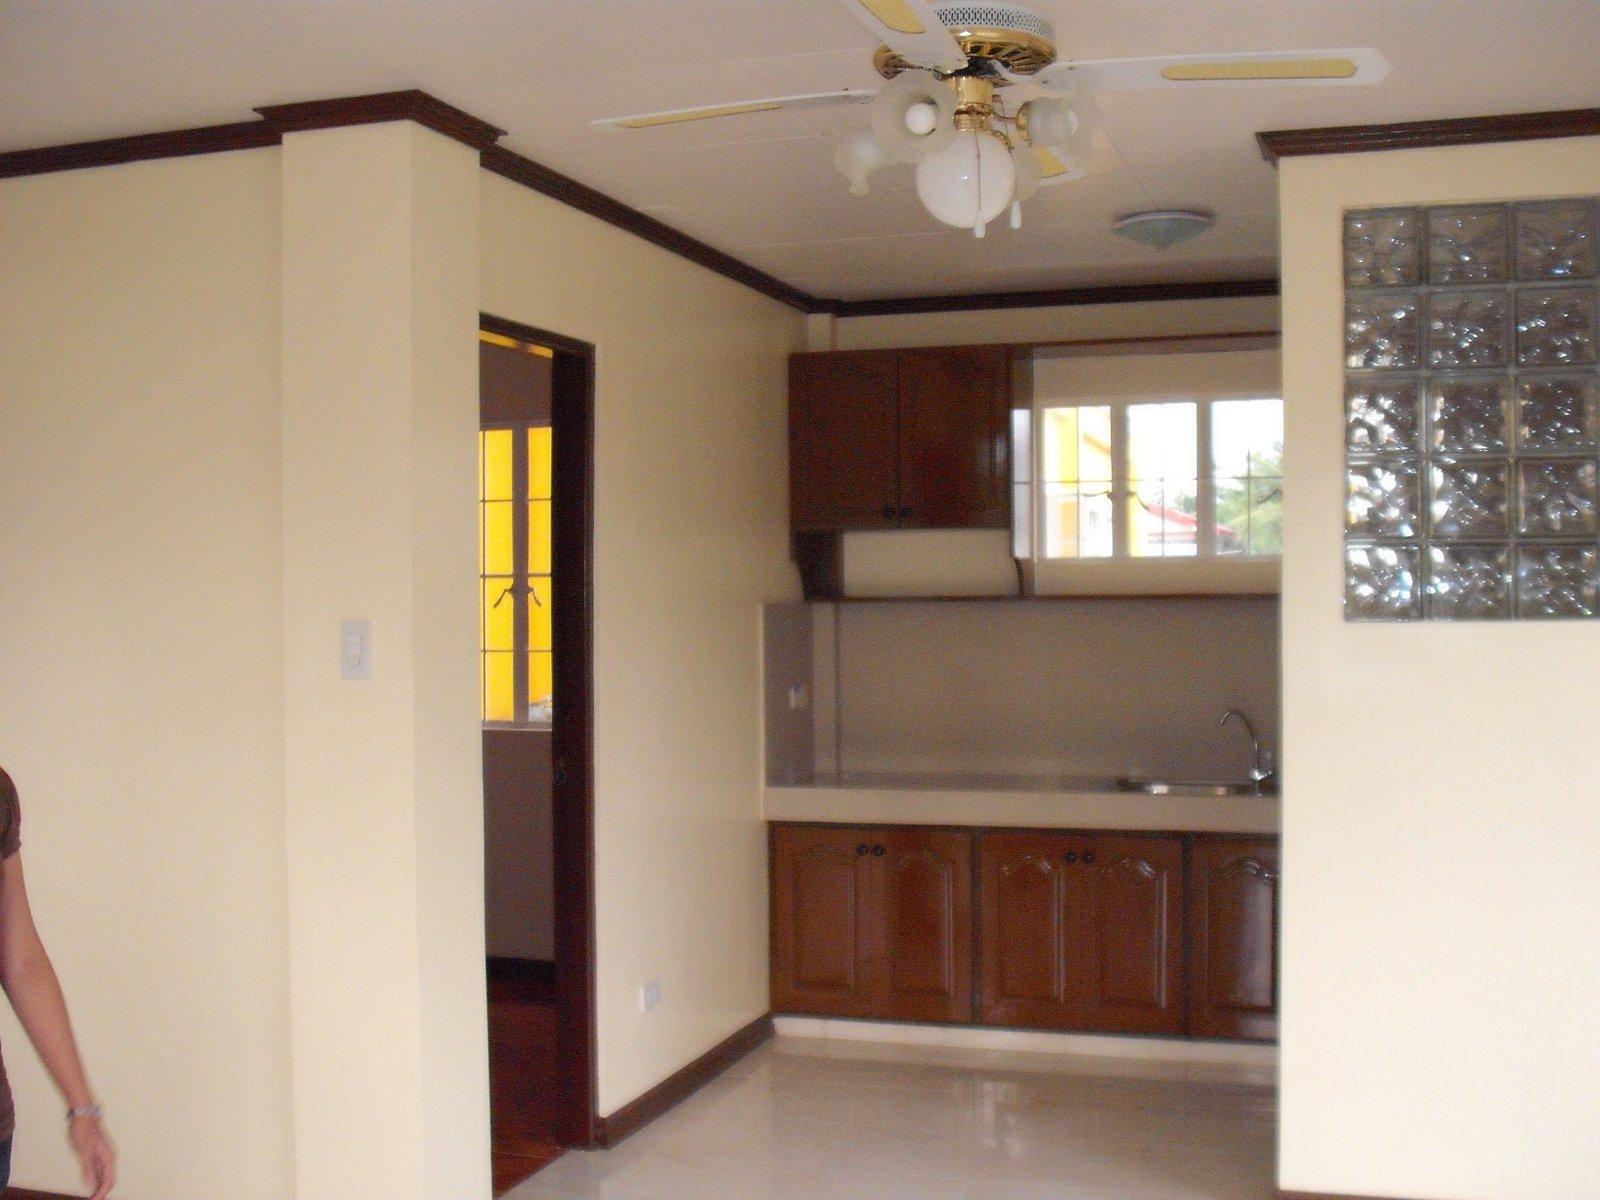 Apartment Interior Design Philippines interesting small apartment interior design philippines fresh on